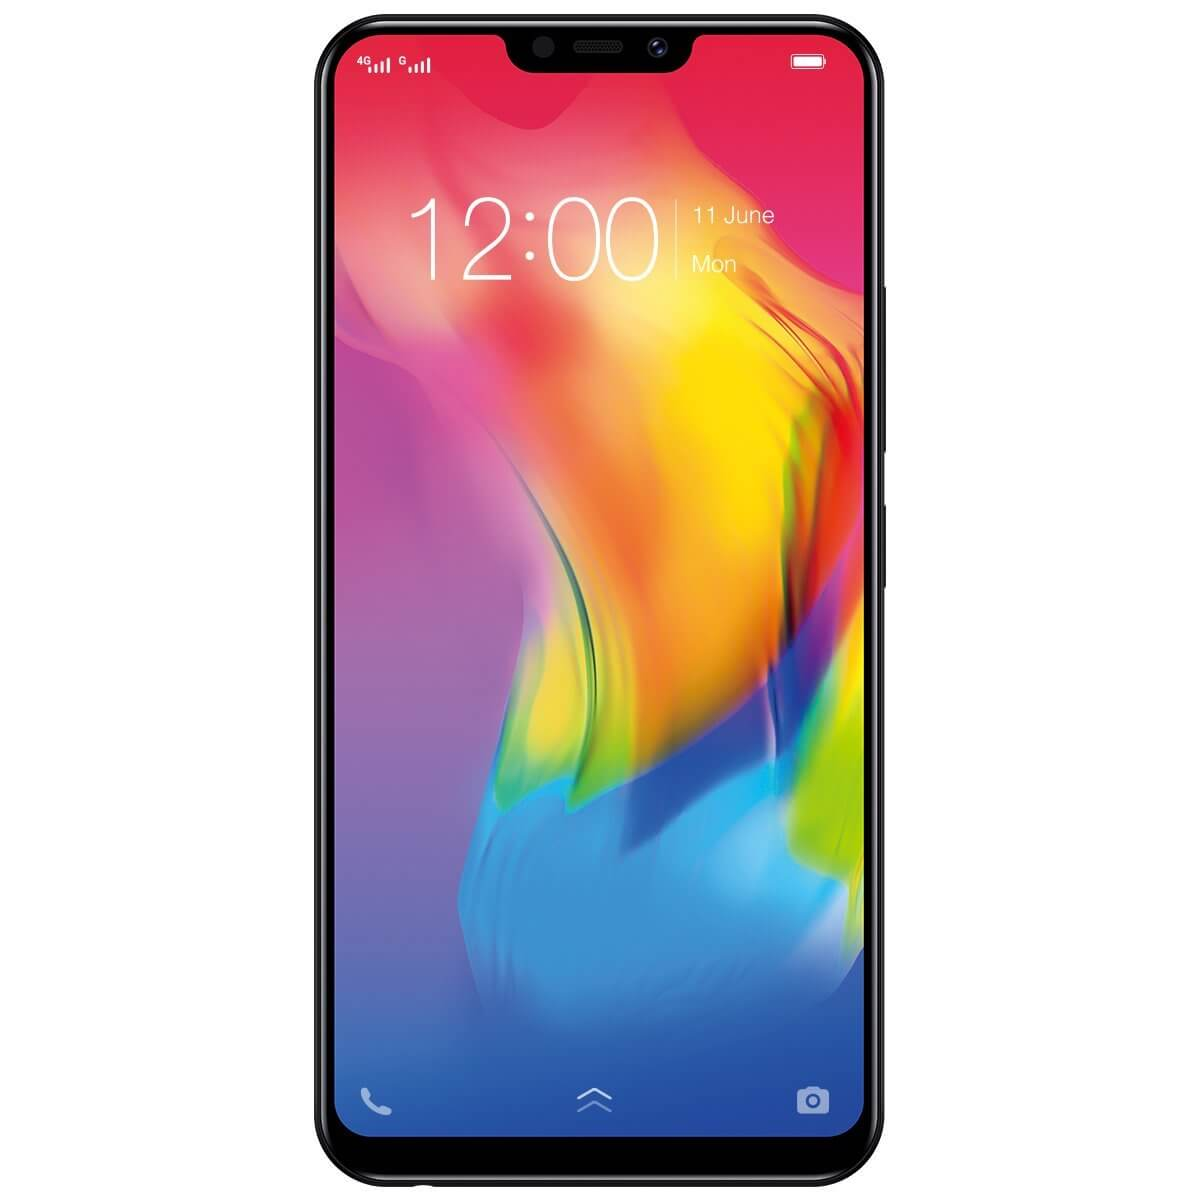 Vivo Y83 smartphone